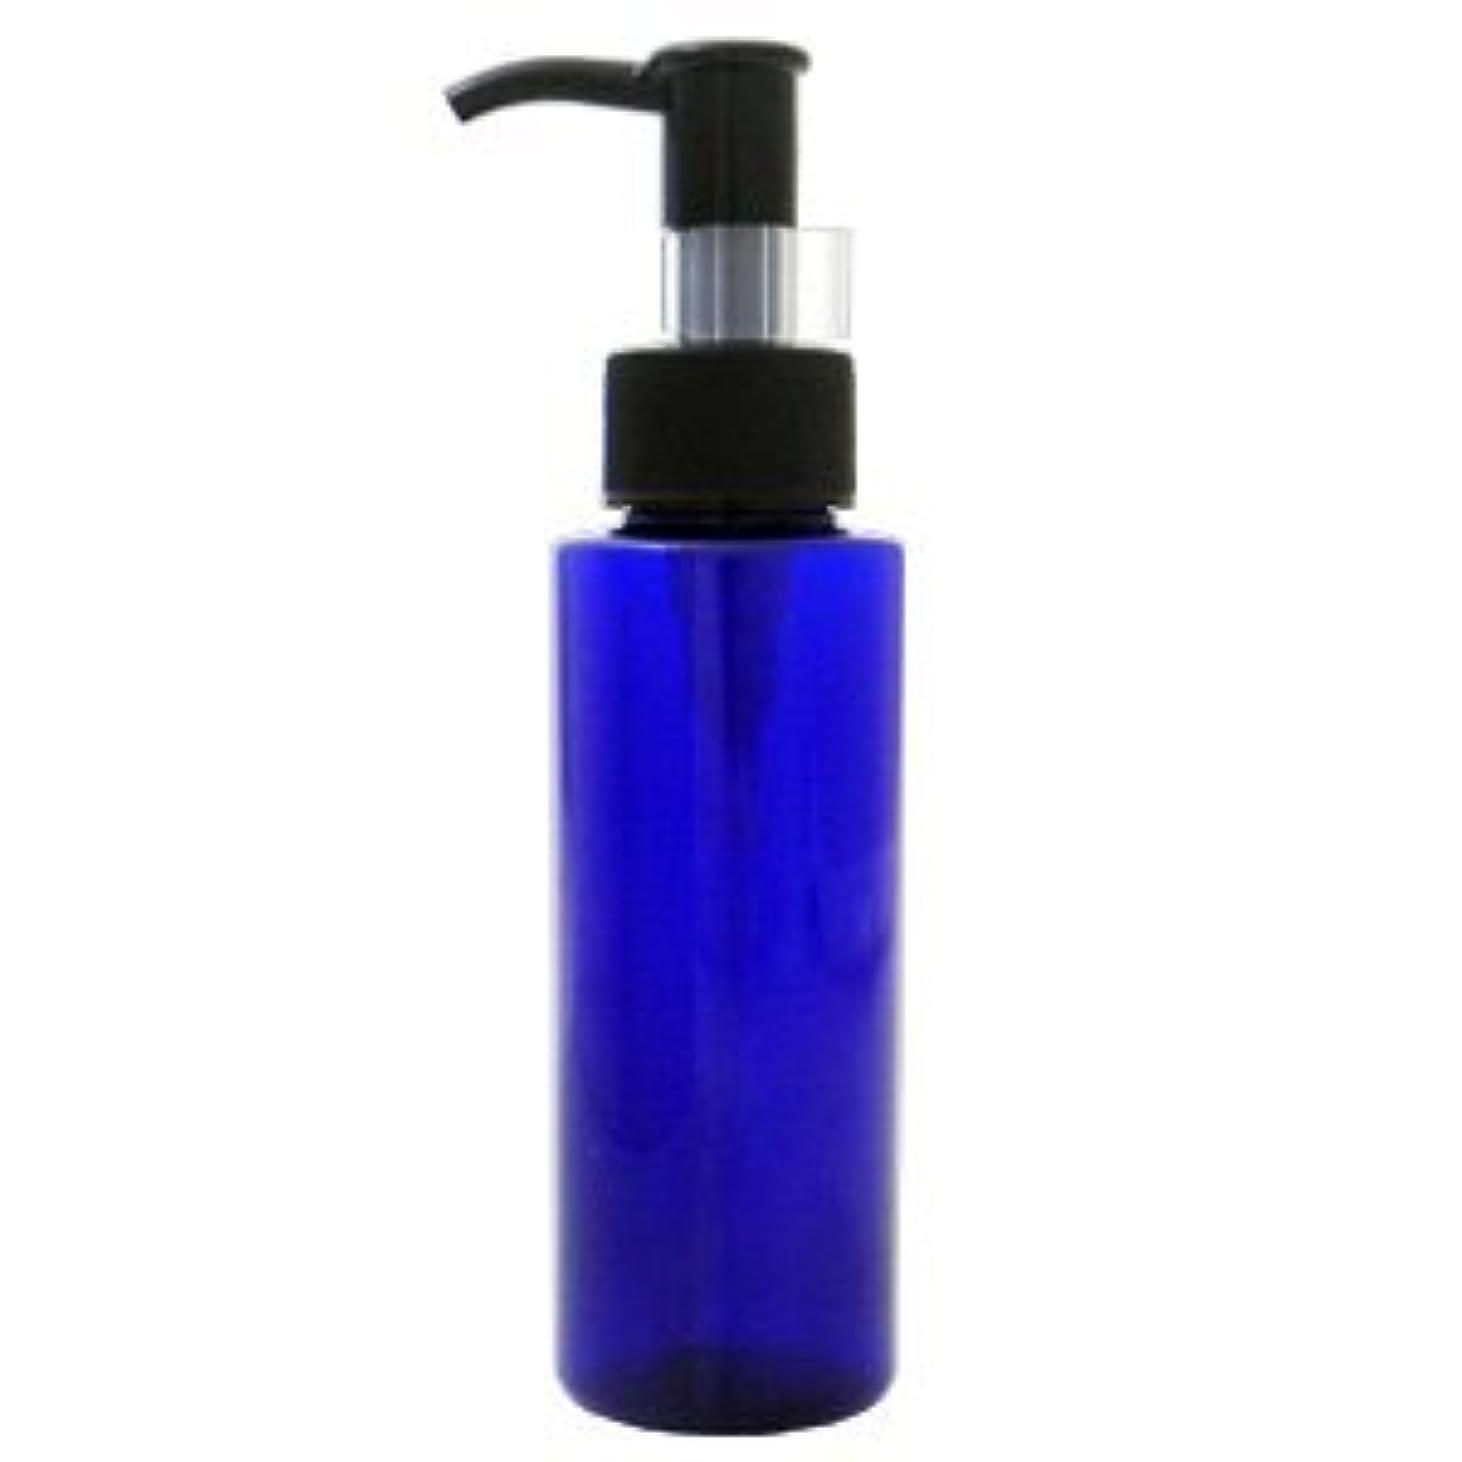 ポテト雄弁家相対的PETボトル ポンプ コバルトブルー (青) 100ml